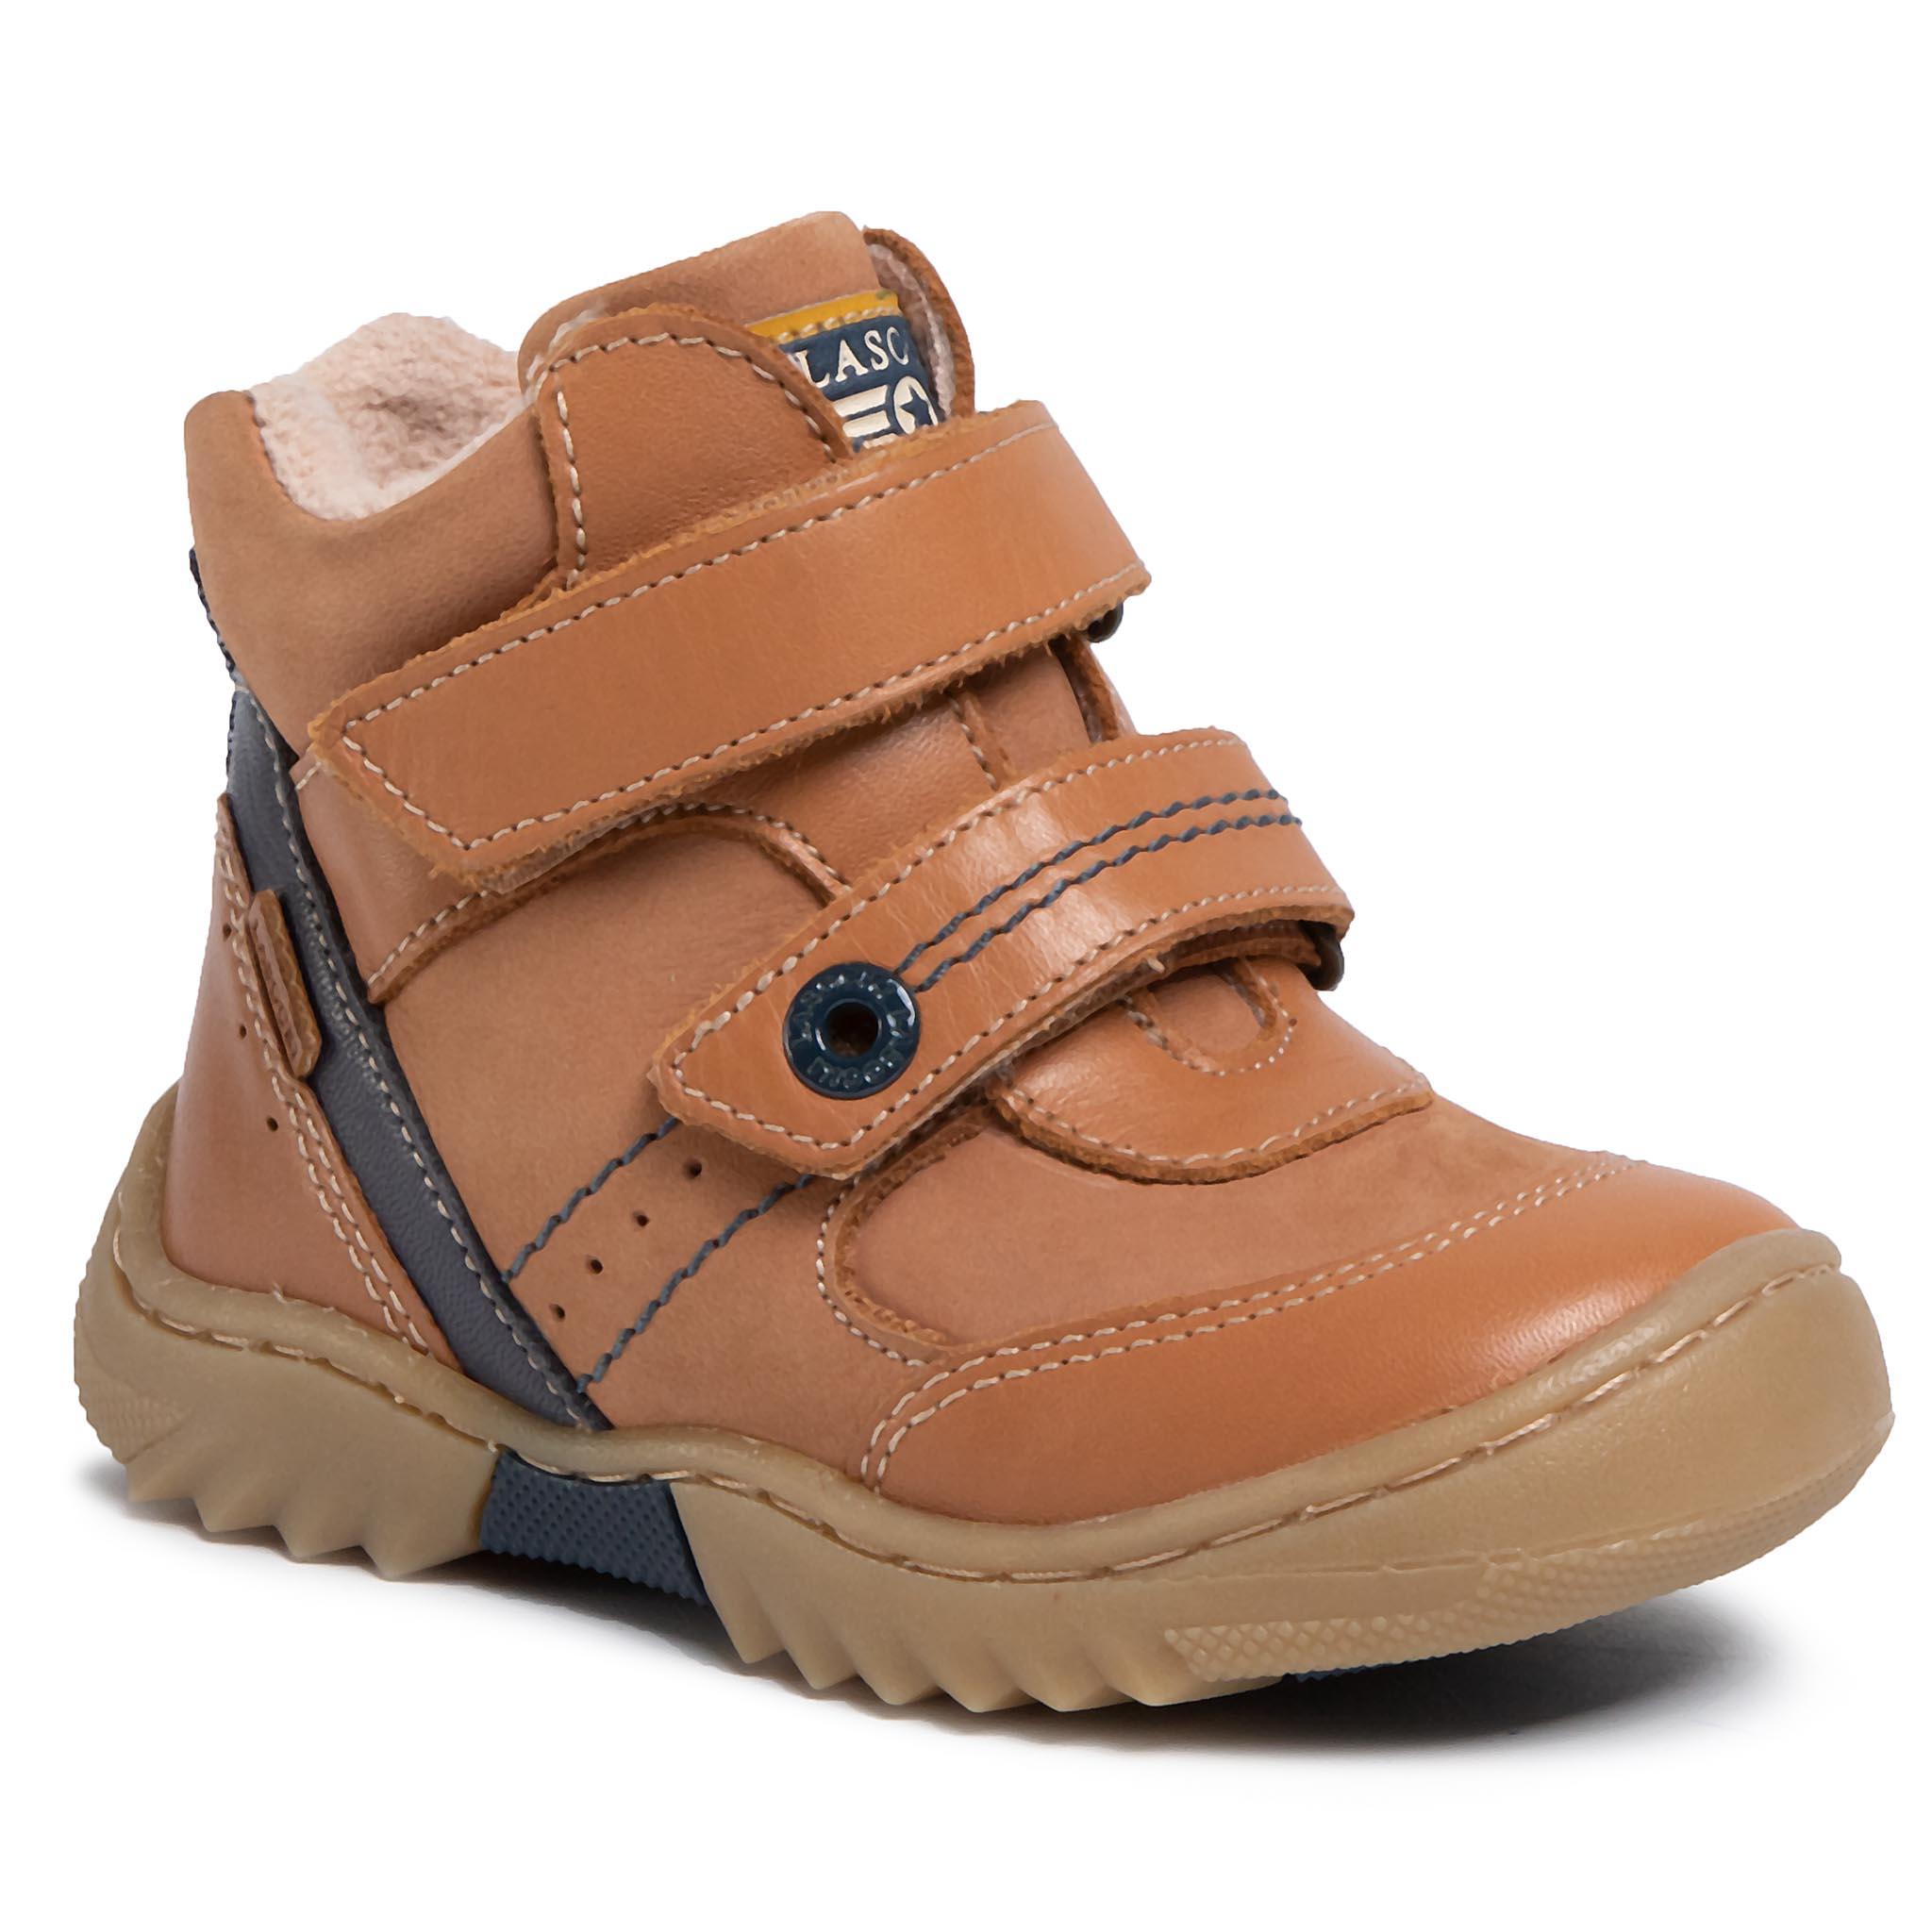 Outdoorová obuv LASOCKI KIDS - CI12-FLICK-02 Camel